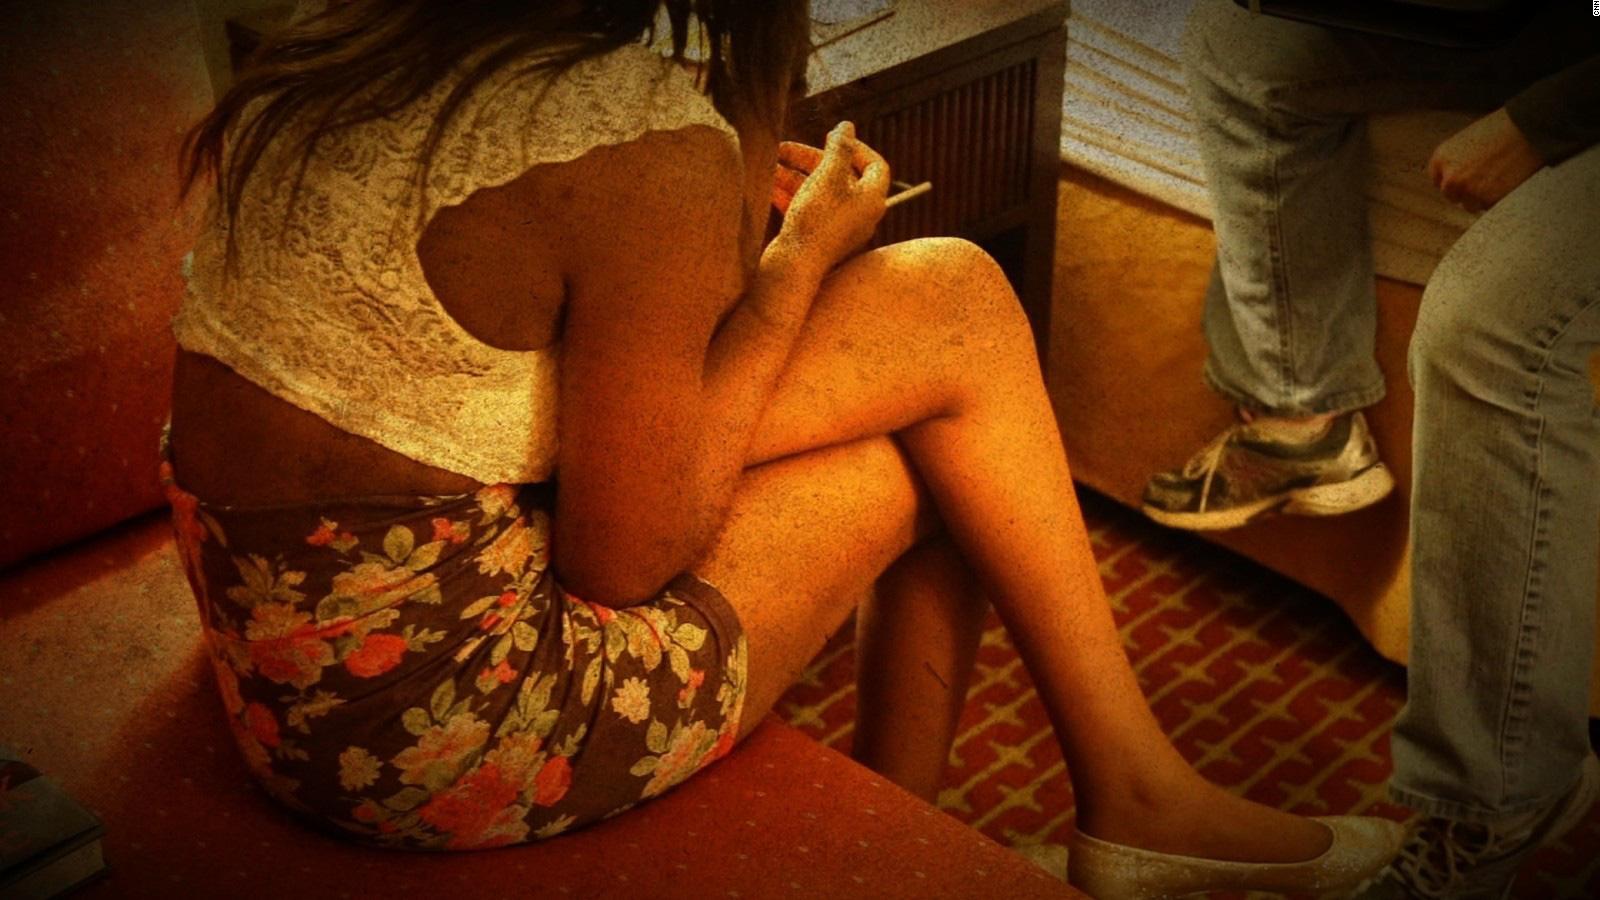 Lần lên bar định mệnh của cô gái bị ép bán dâm suốt 5 tuần - Ảnh 1.